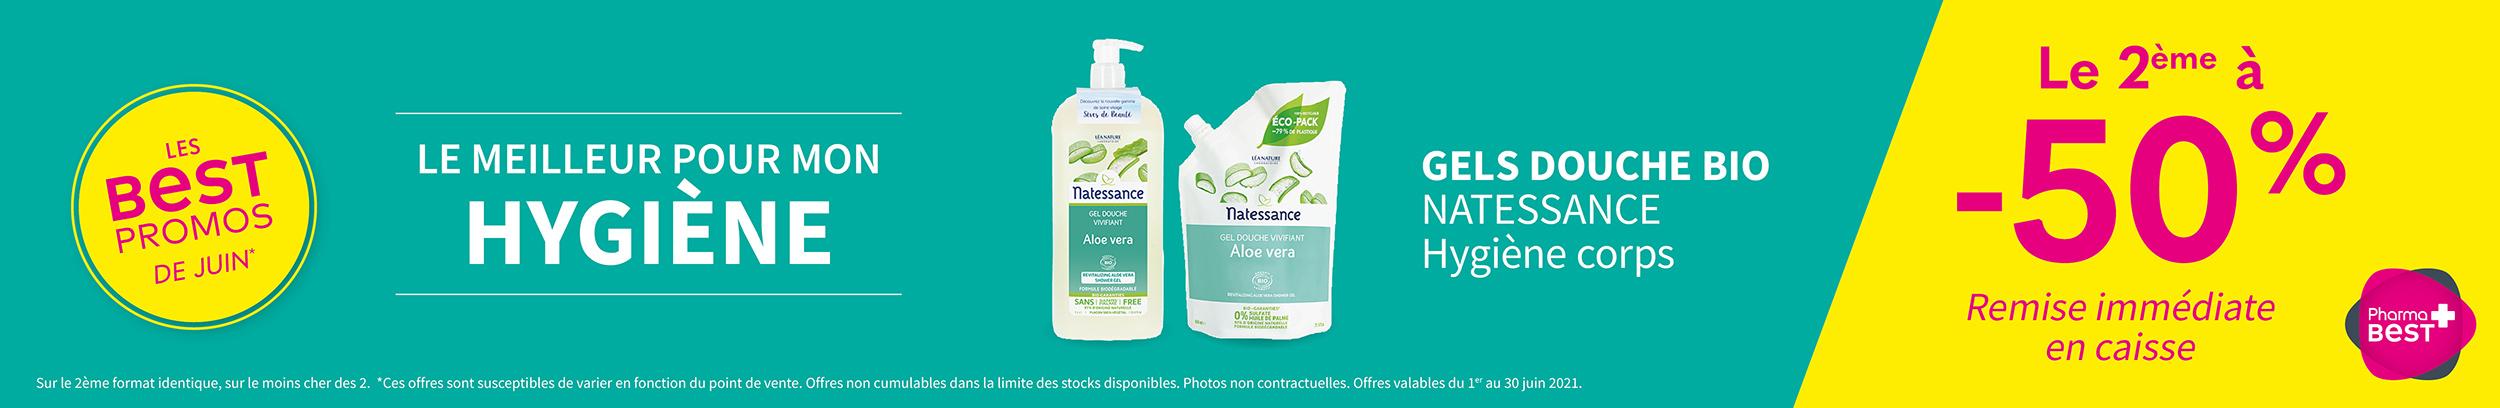 GELS DOUCHE BIO - NATESSANCE / Hygiène corps